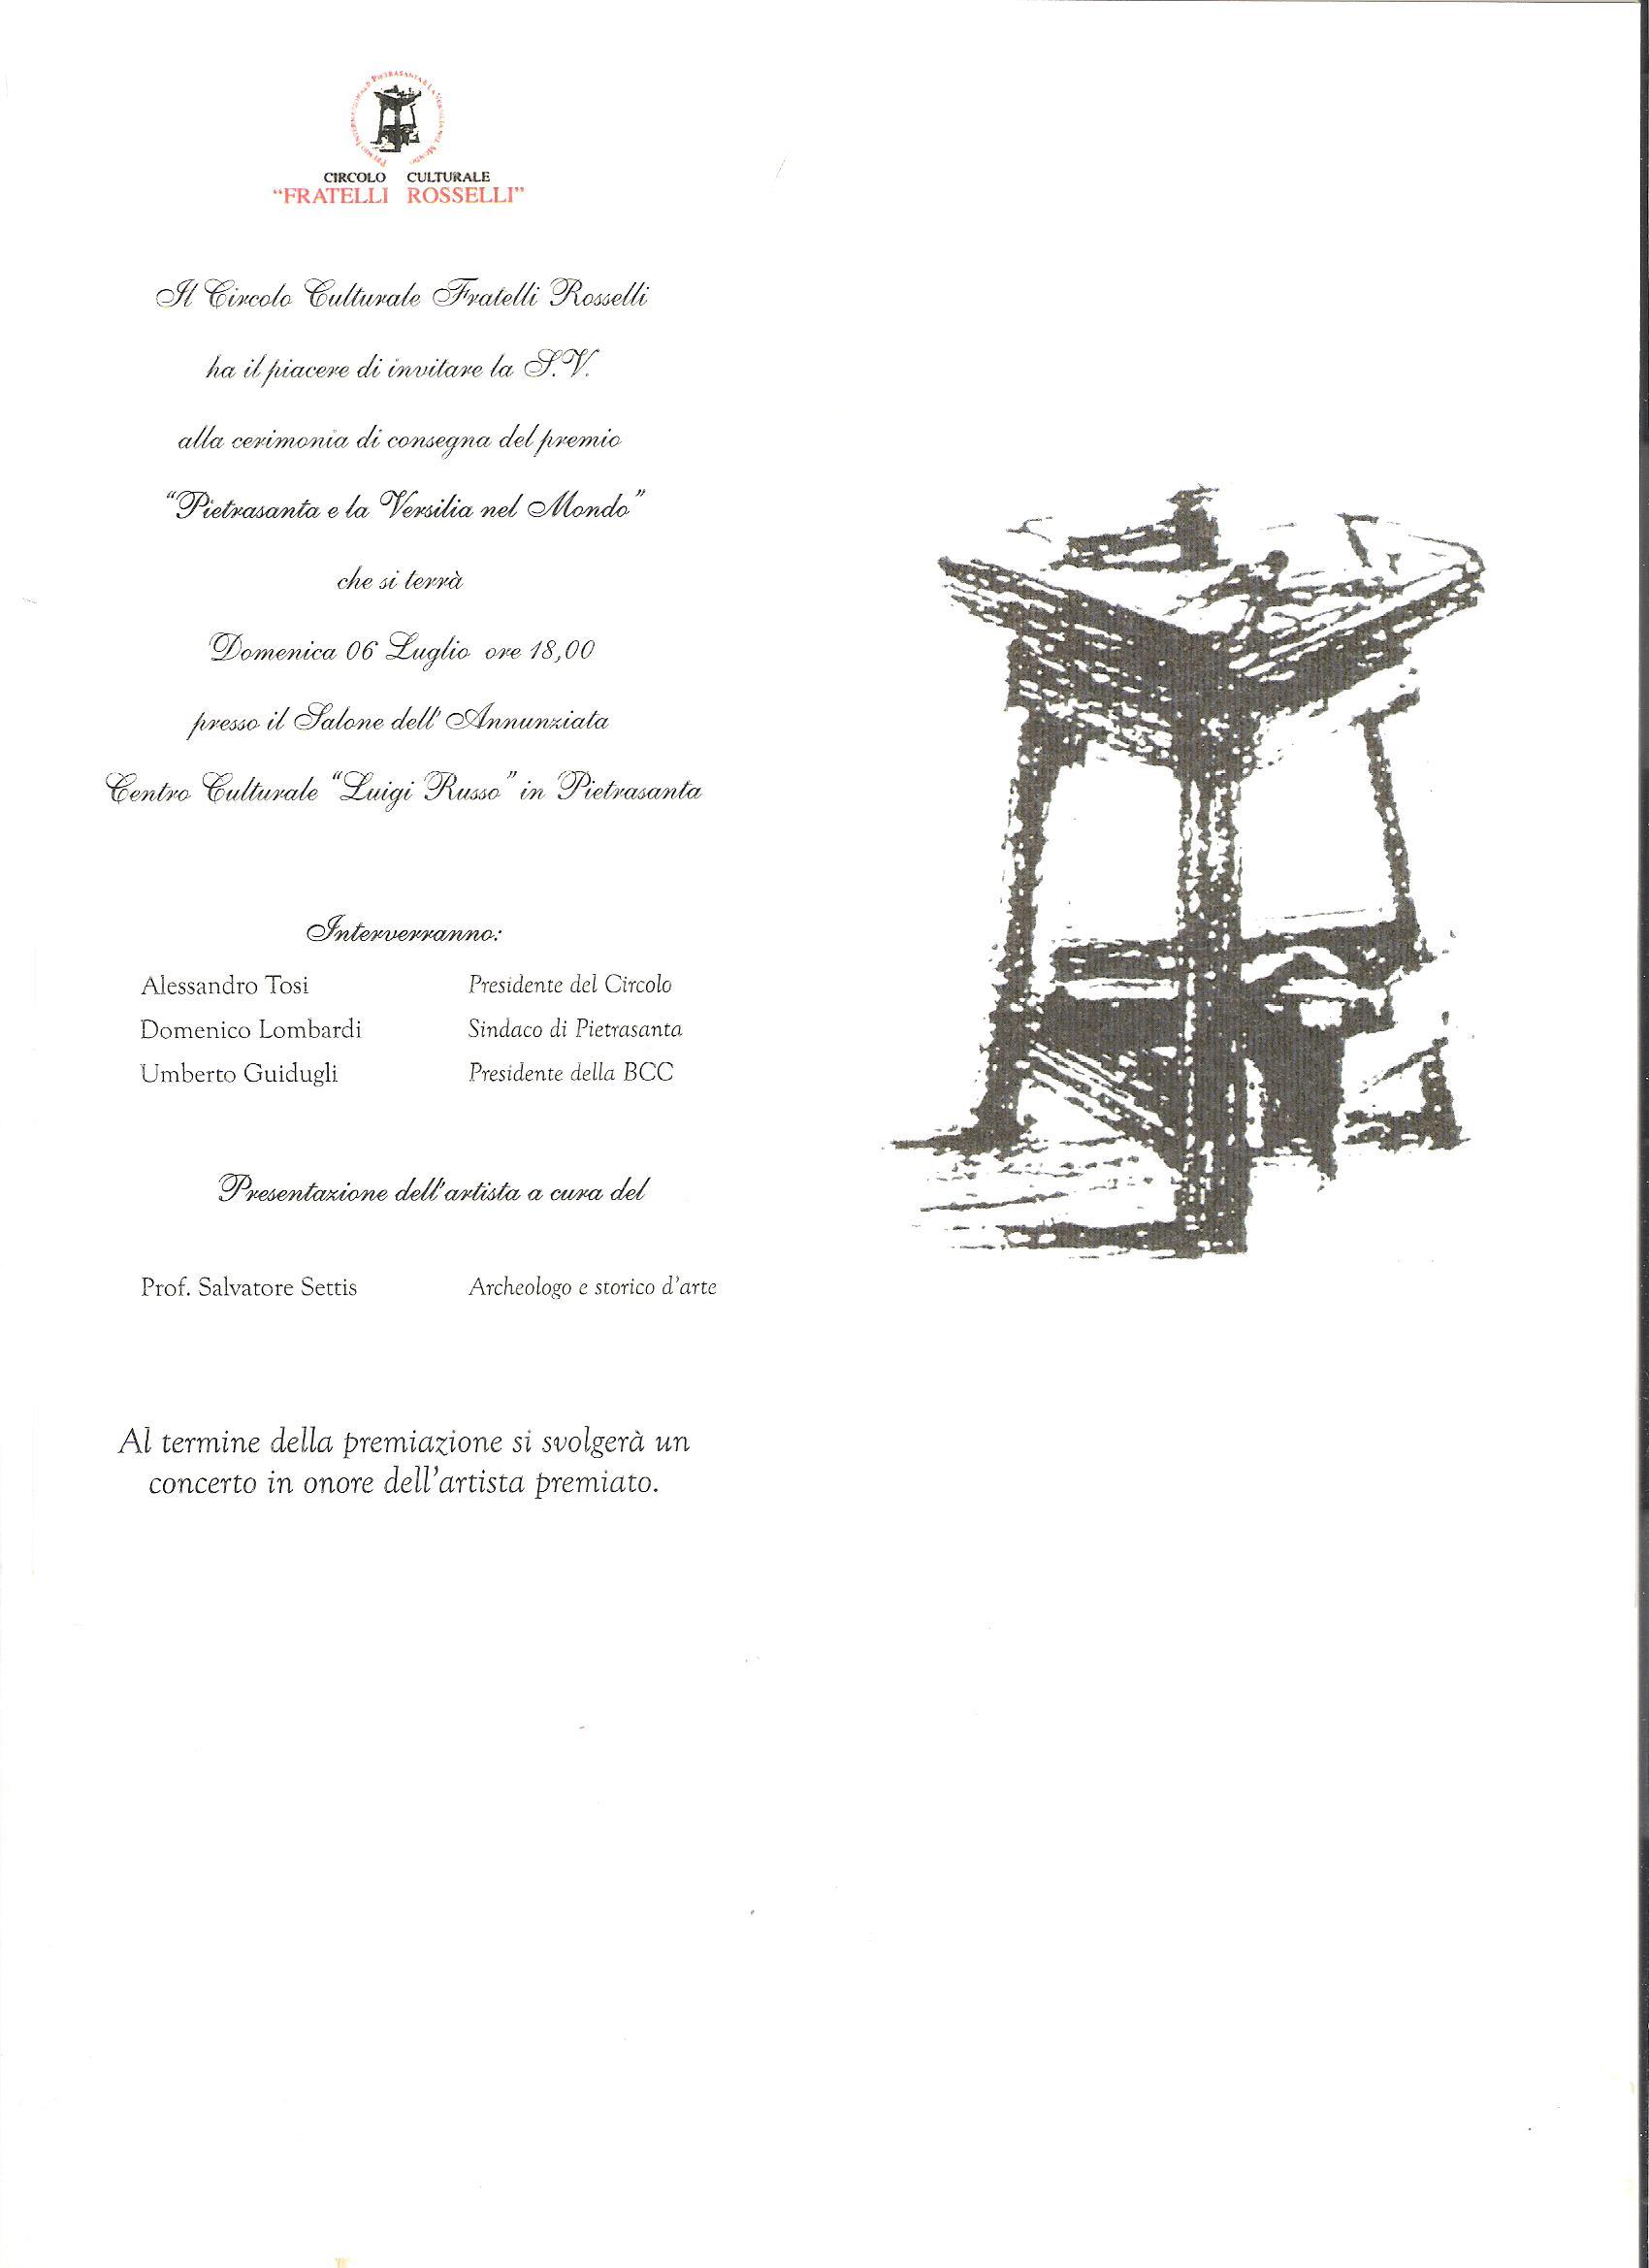 Libera Cronaca da Italia bene comune 1332 del 2 e 3 luglio